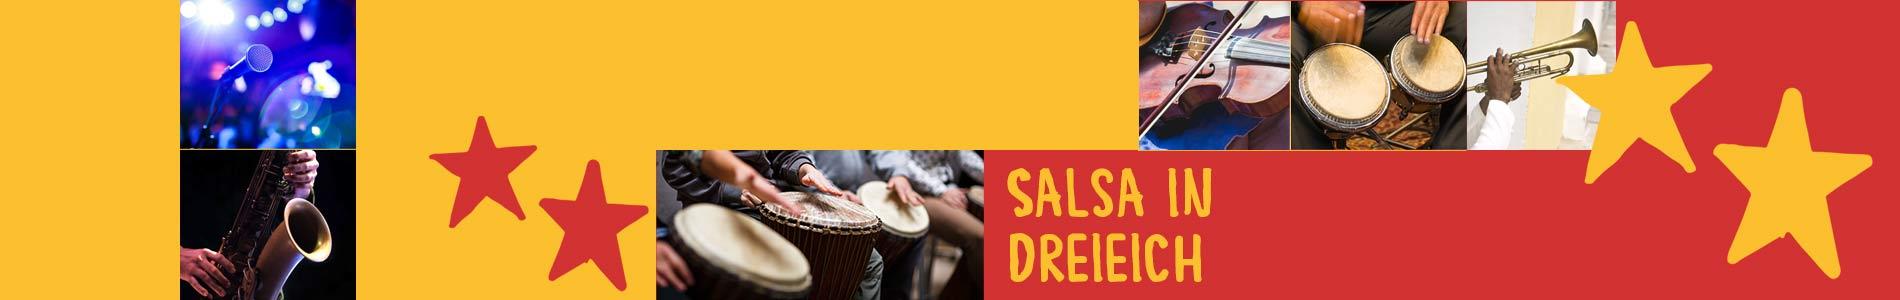 Salsa in Dreieich – Salsa lernen und tanzen, Tanzkurse, Partys, Veranstaltungen